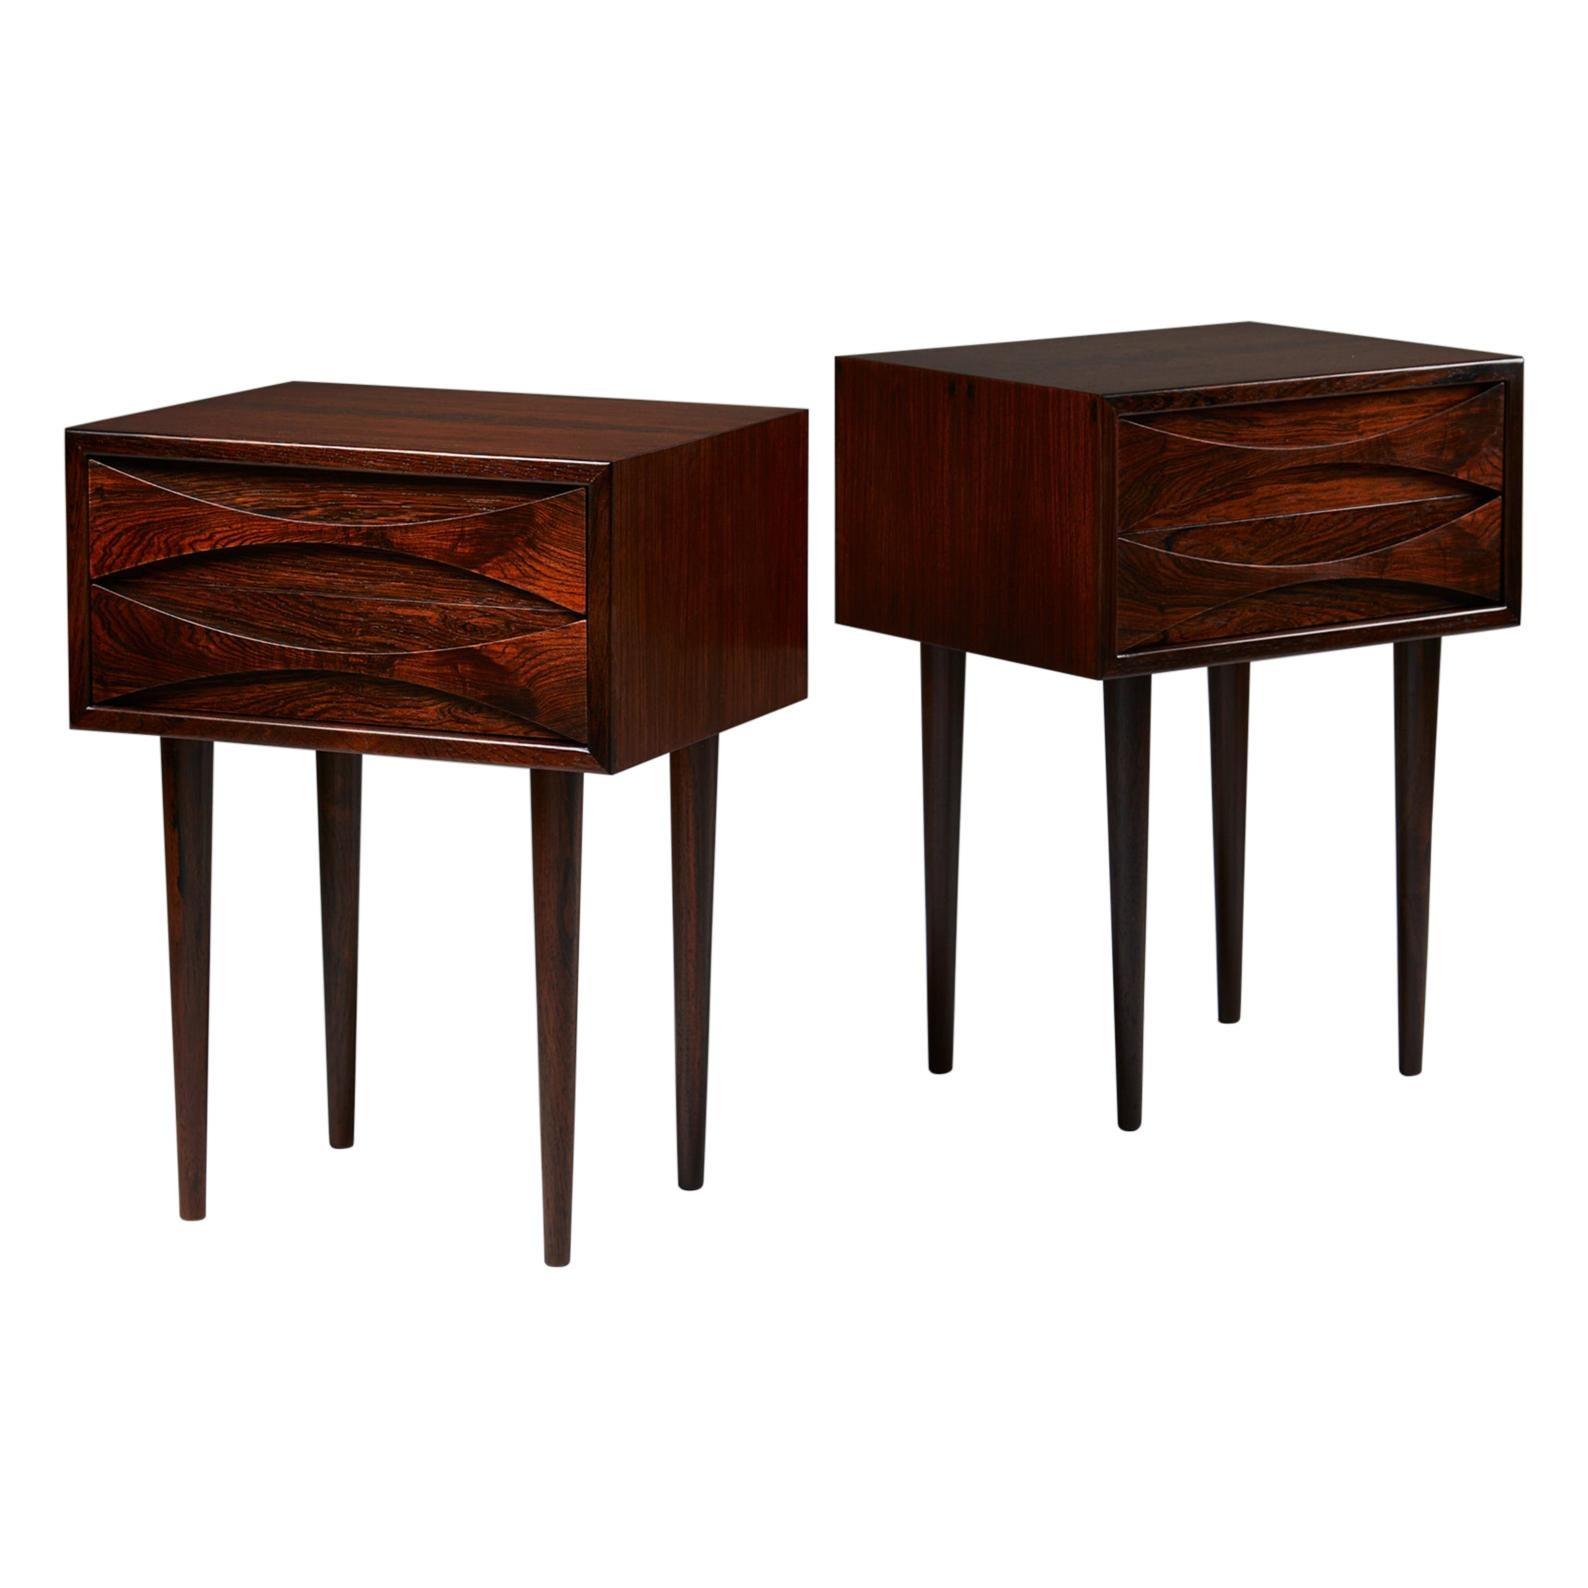 Set of Bedside Tables Designed by Niels Clausen for N.C. Möbler Odense, Denmark